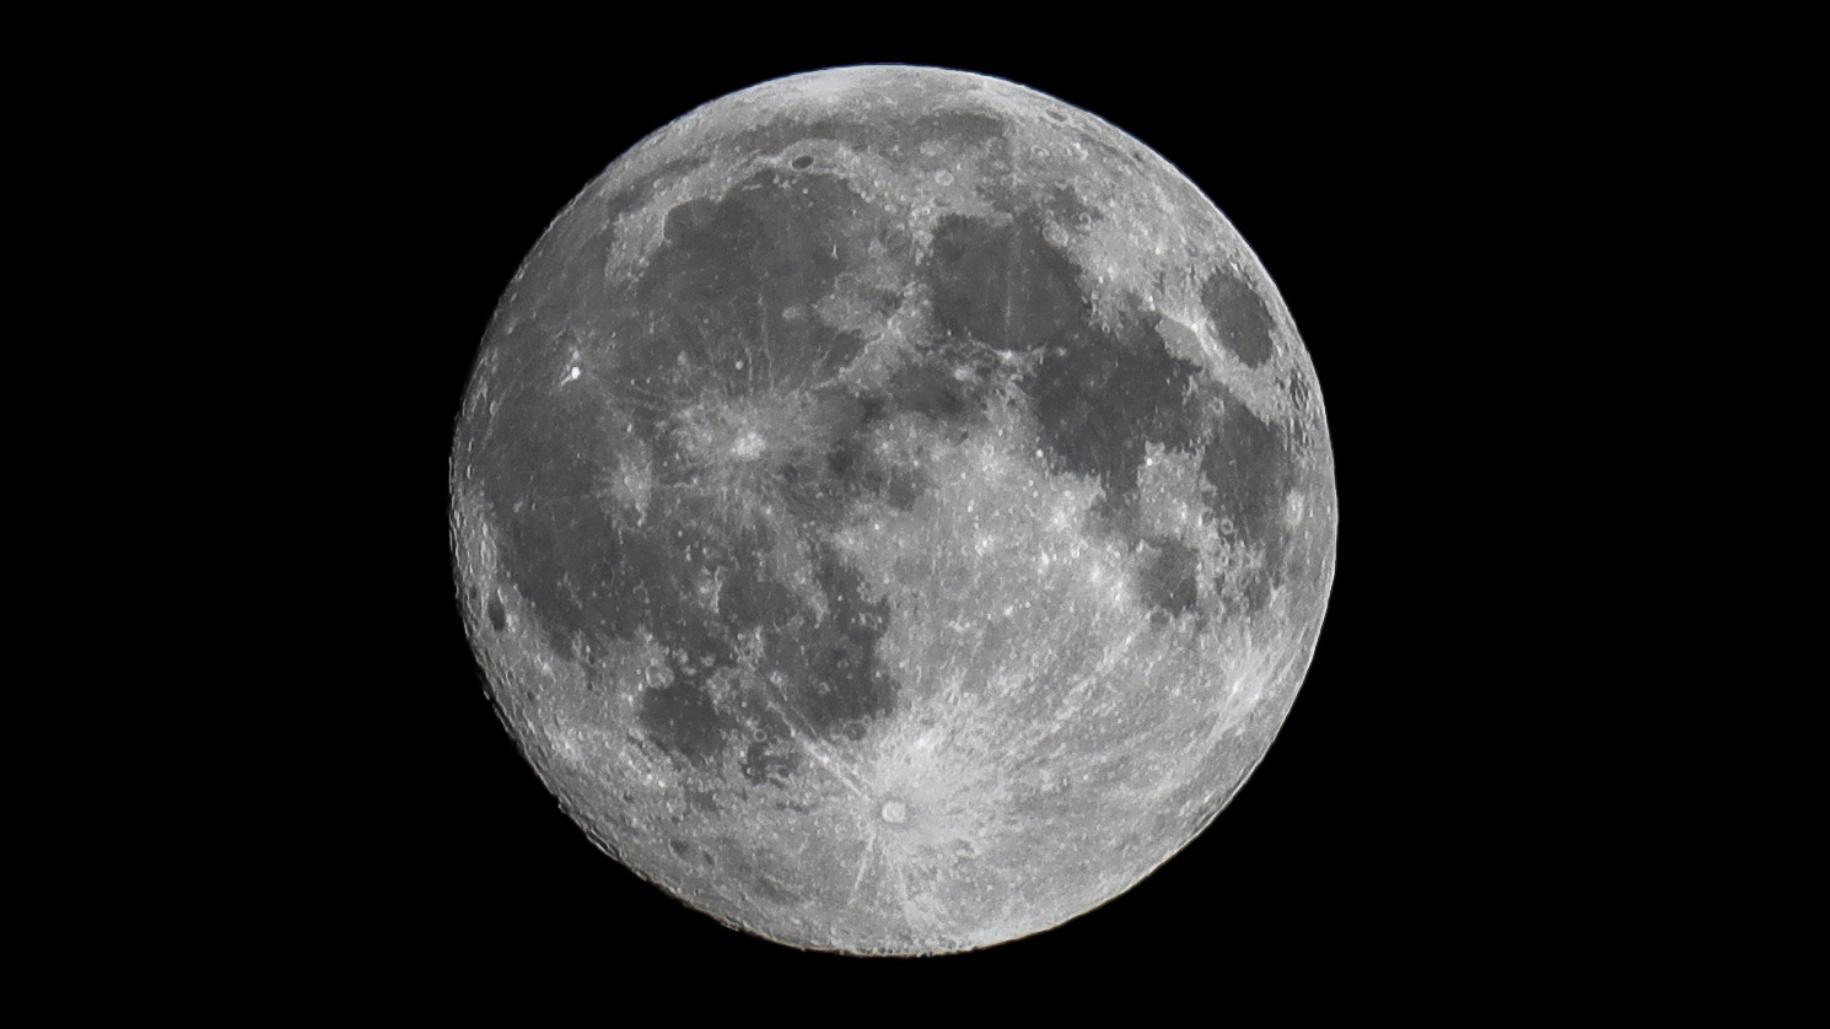 Las noches de luna llena la leyenda cobra vida (Foto: Archivo/ vía EPA)